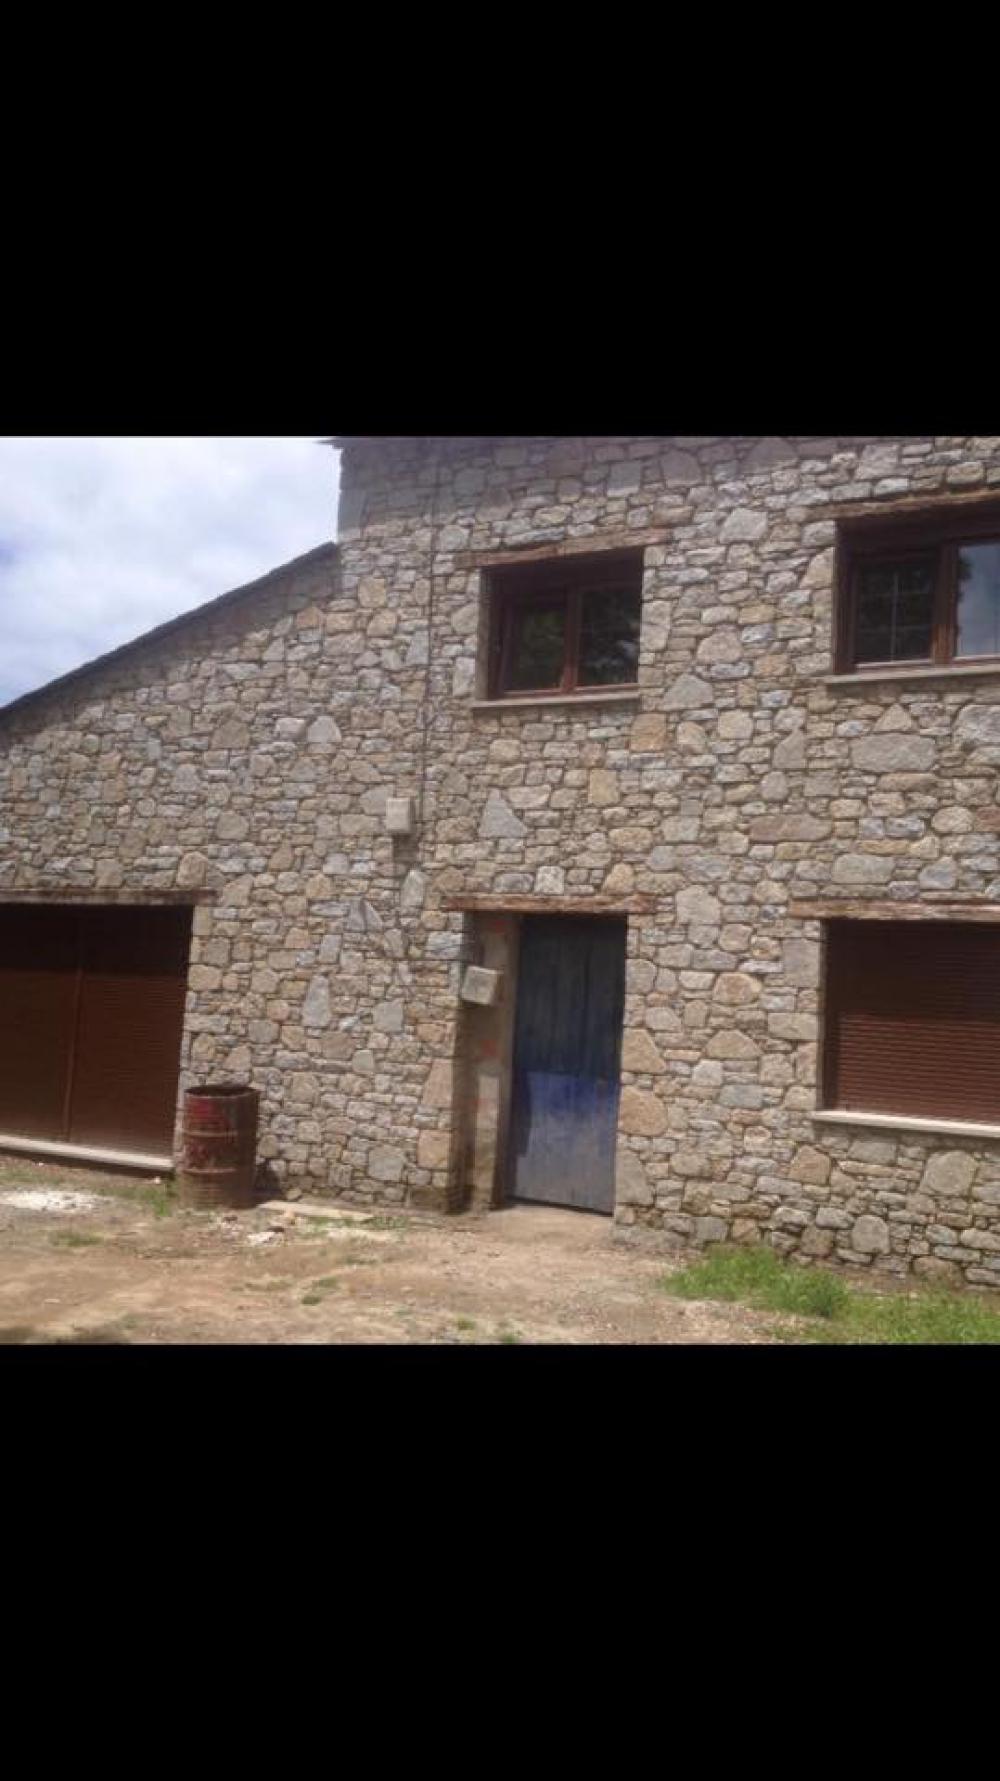 Colocaci n de piedra opego colocaci n e instalaciones de piedra en lugo casas de piedra - Colocacion piedra natural ...